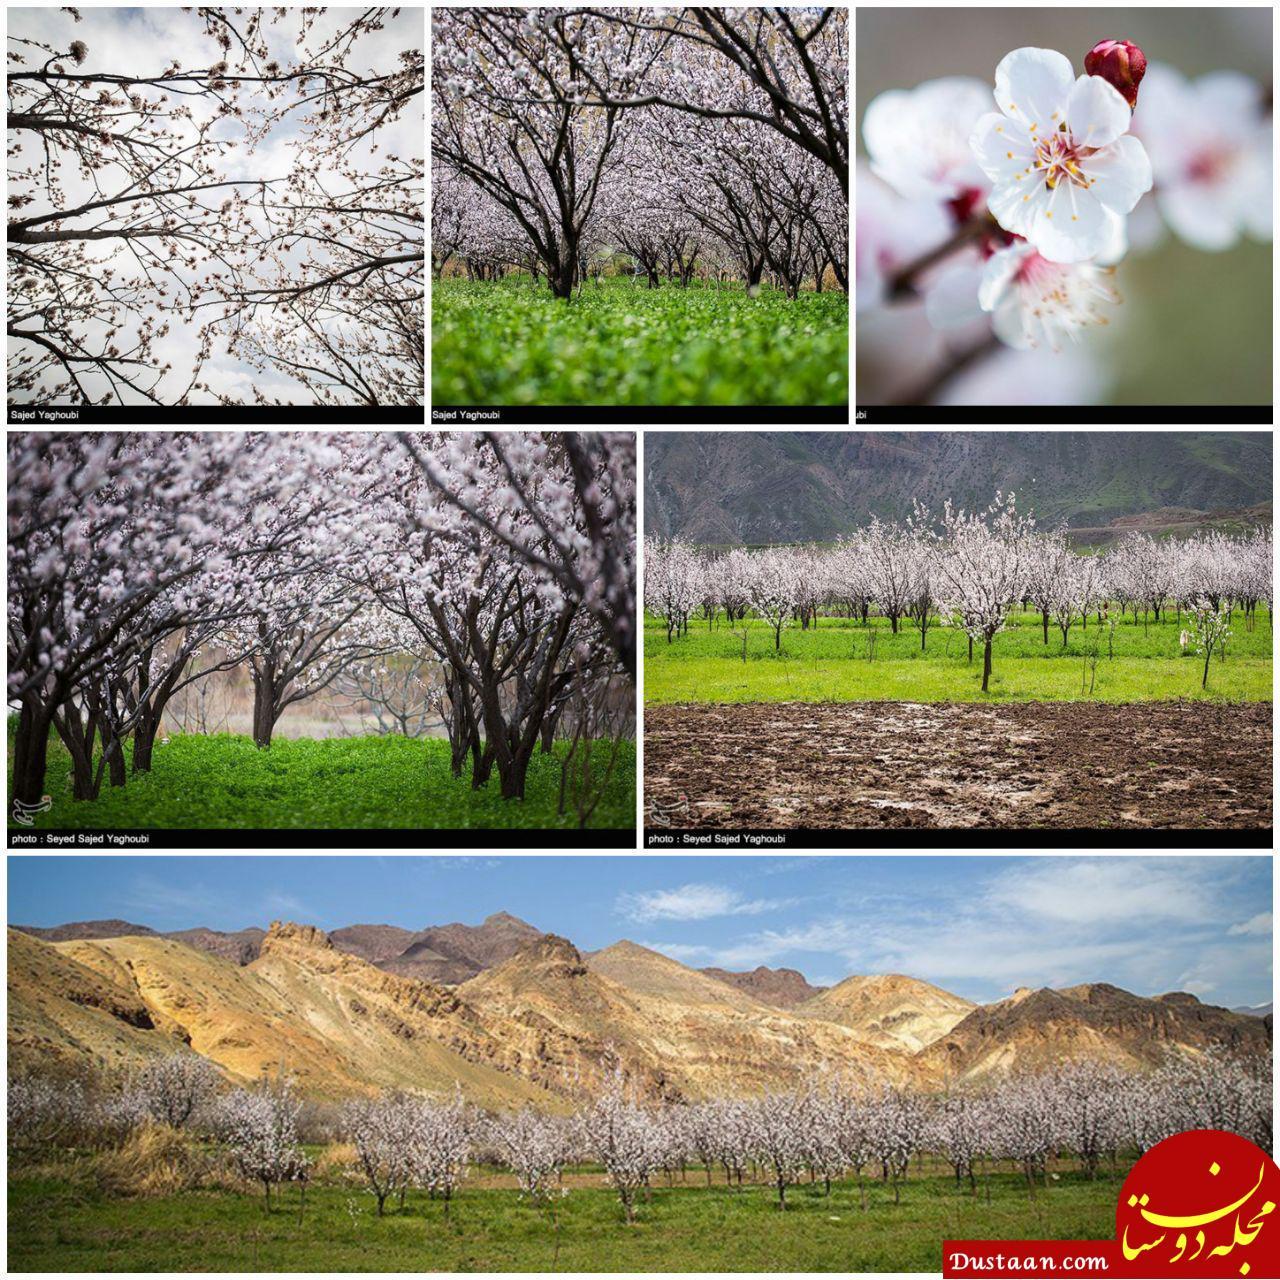 www.dustaan.com تصاویری دیدنی از طبیعت بسیار زیبای اردبیل